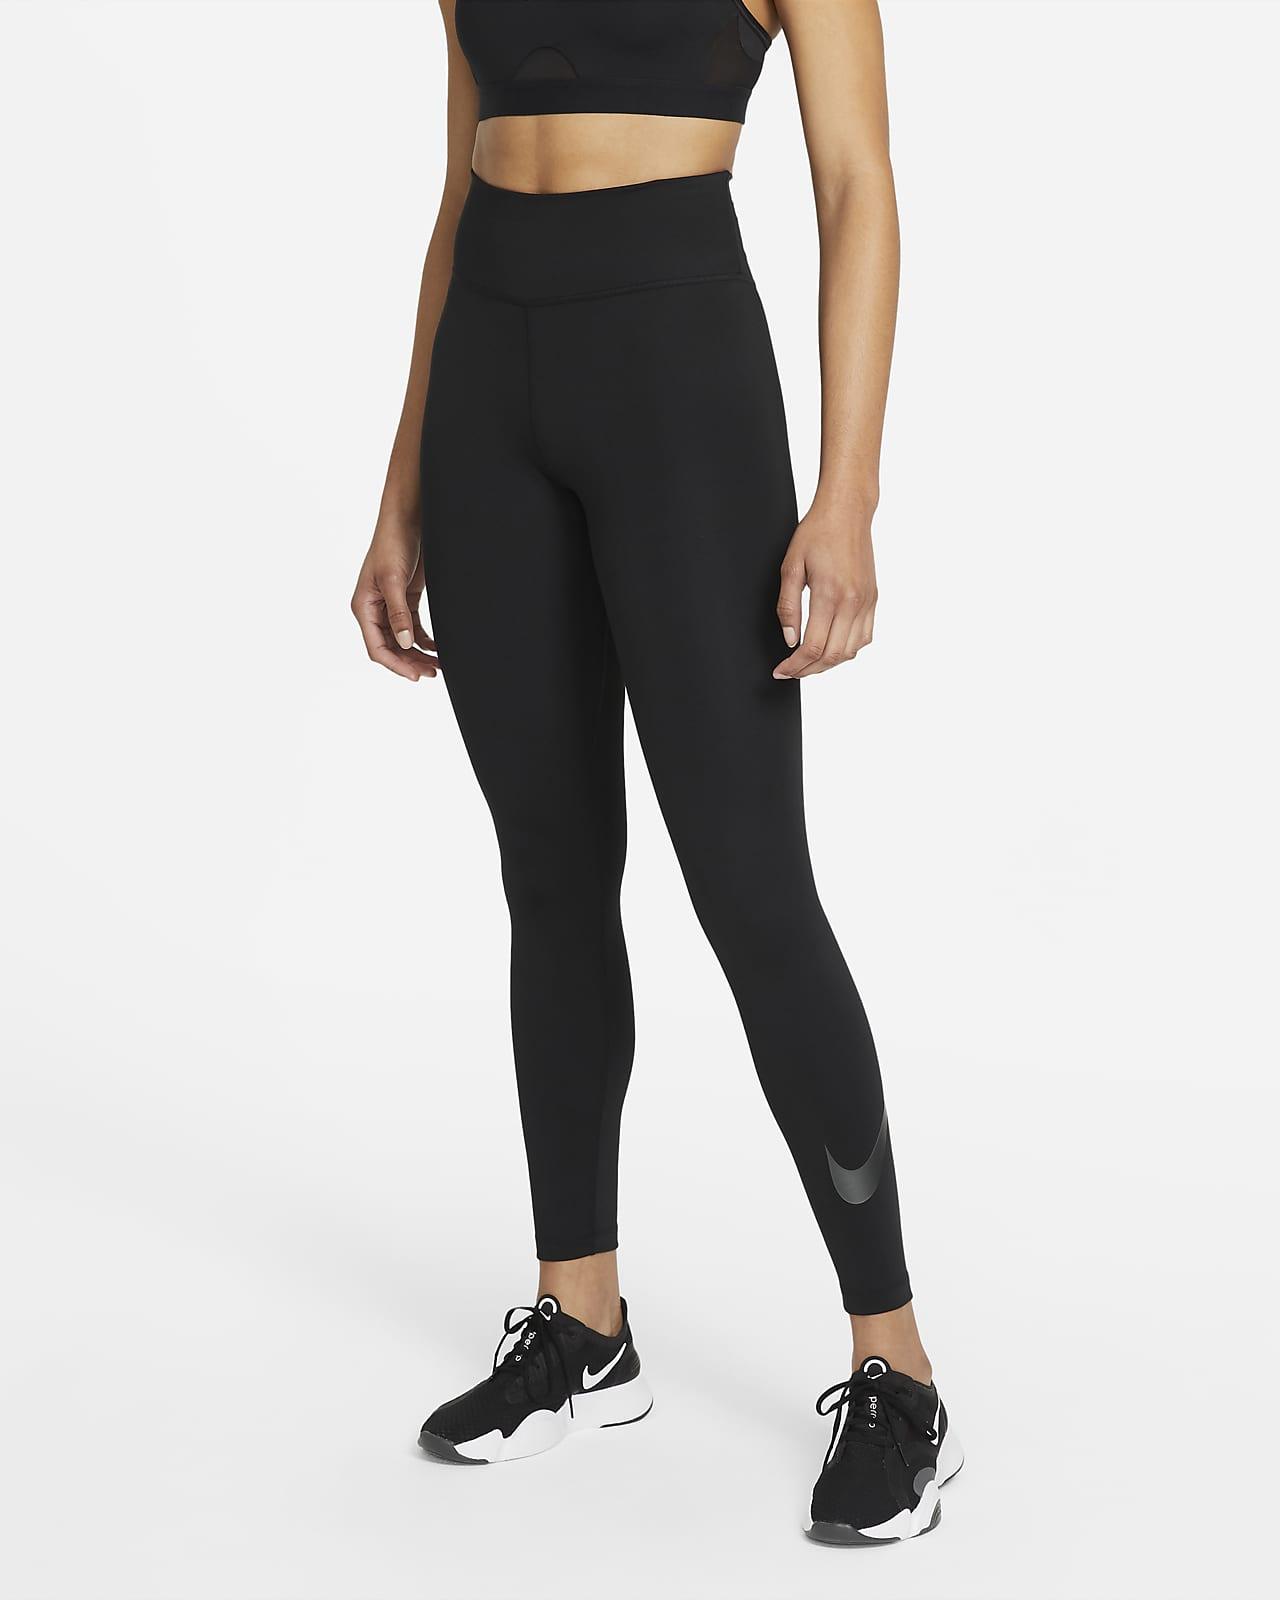 Женские слегка укороченные леггинсы со средней посадкой и графикой Nike One Icon Clash